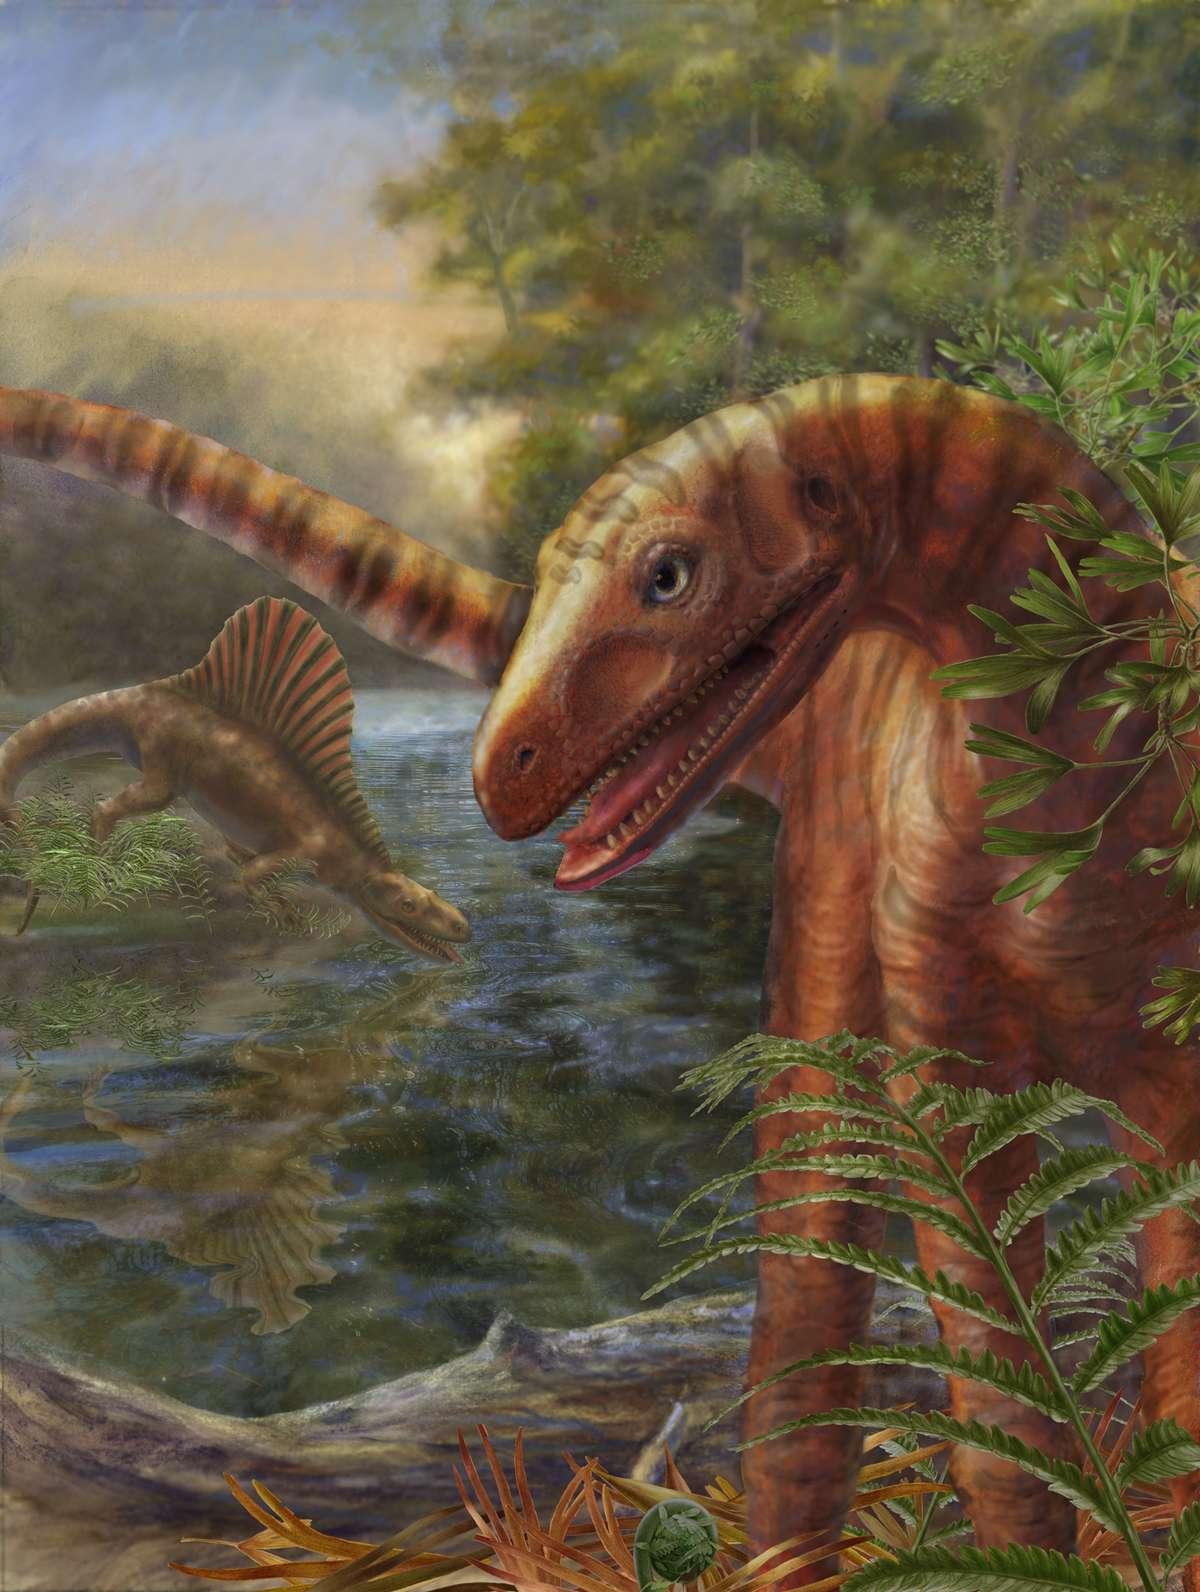 Au premier plan, une reconstitution d'artiste de Asilisaurus kongwe. Crédit : Marlene Donnelly, Field Museum